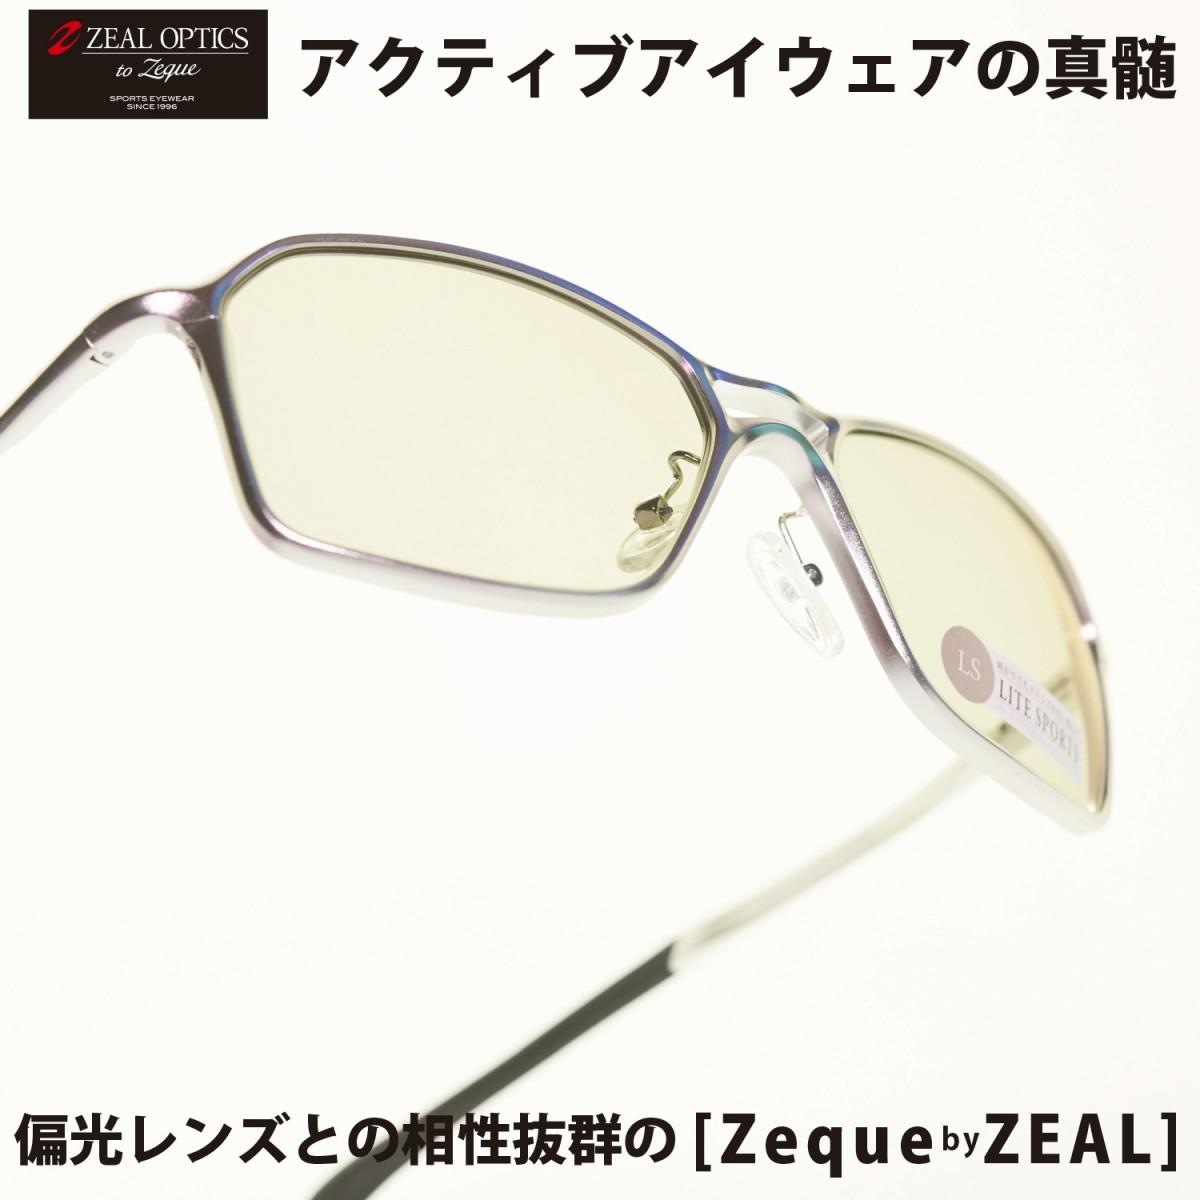 画像1: Zeque by ZEAL OPTICS ゼクーバイシールオプティックス VEGA ヴェガ SILVER/LITE SPORTS (1)